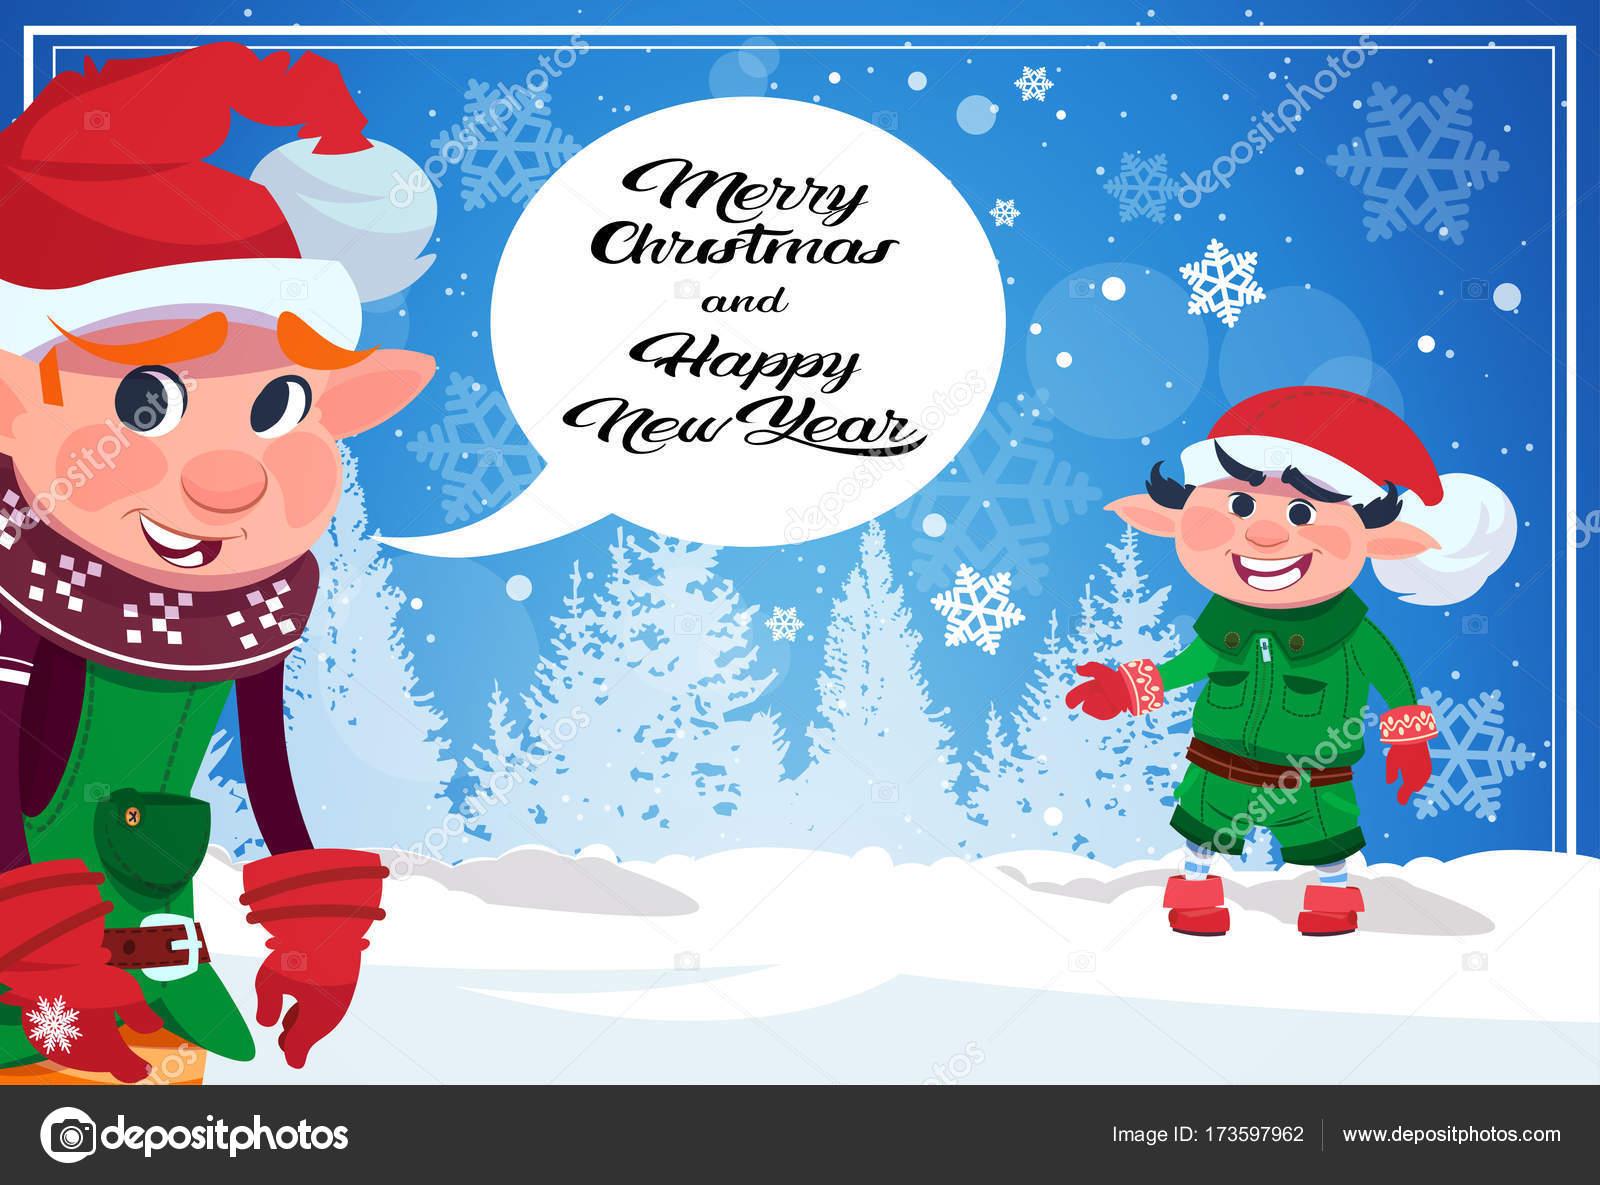 Immagini Carine Per Natale.Carine Folletti Nella Foresta Di Inverno Buon Natale E